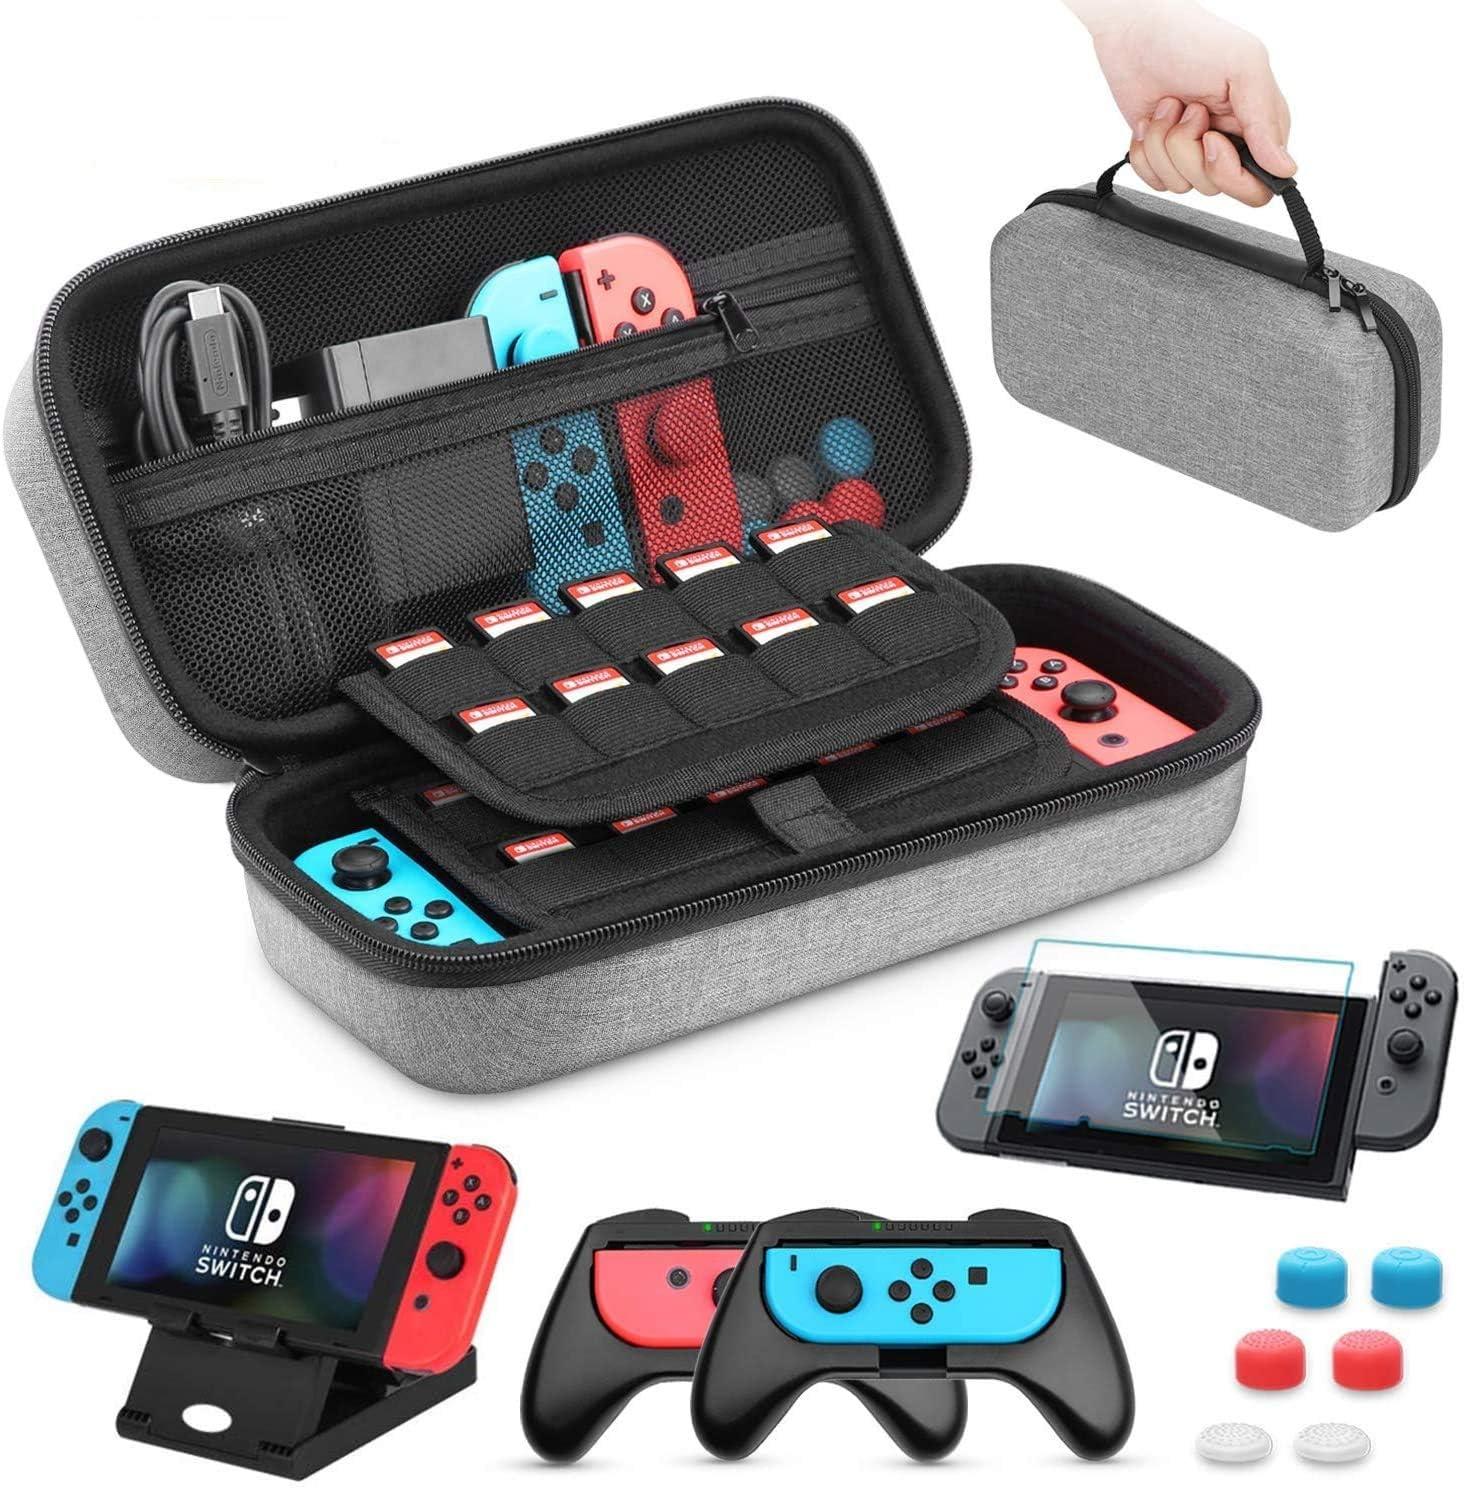 Funda para Nintendo Switch, HEYSTOP 11 en 1 Nintendo Switch Estuche Portátil, 2 Joy-Con Grips para Nintendo Switch, PlayStand Ajustable, Protector de Pantalla con 6 Tapas de Agarre para Pulgar (Gris)